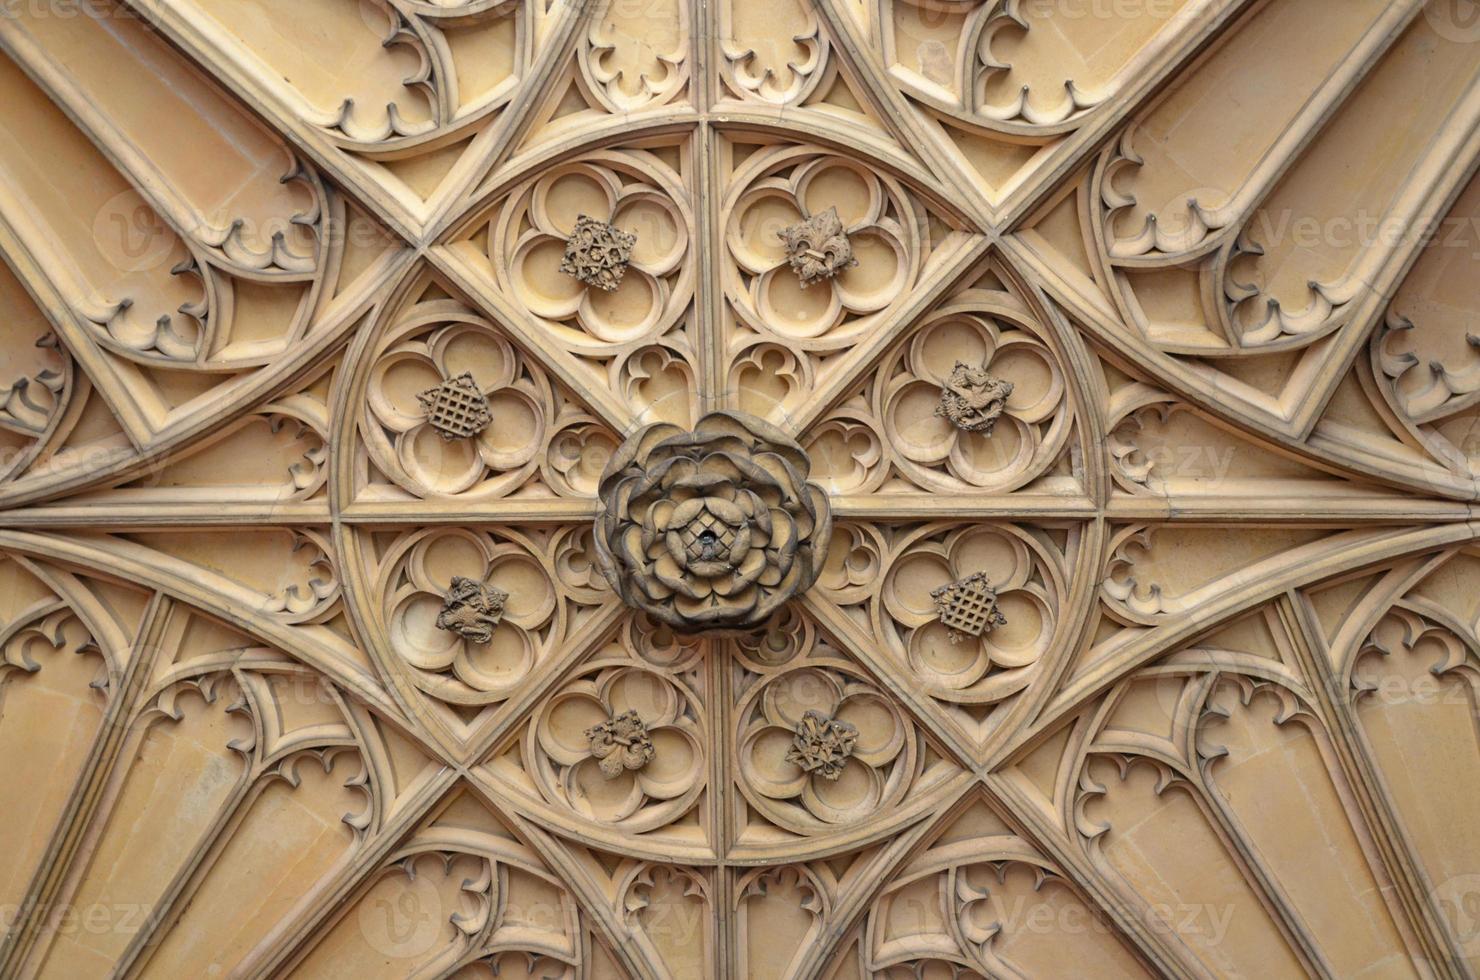 Tudordecke foto